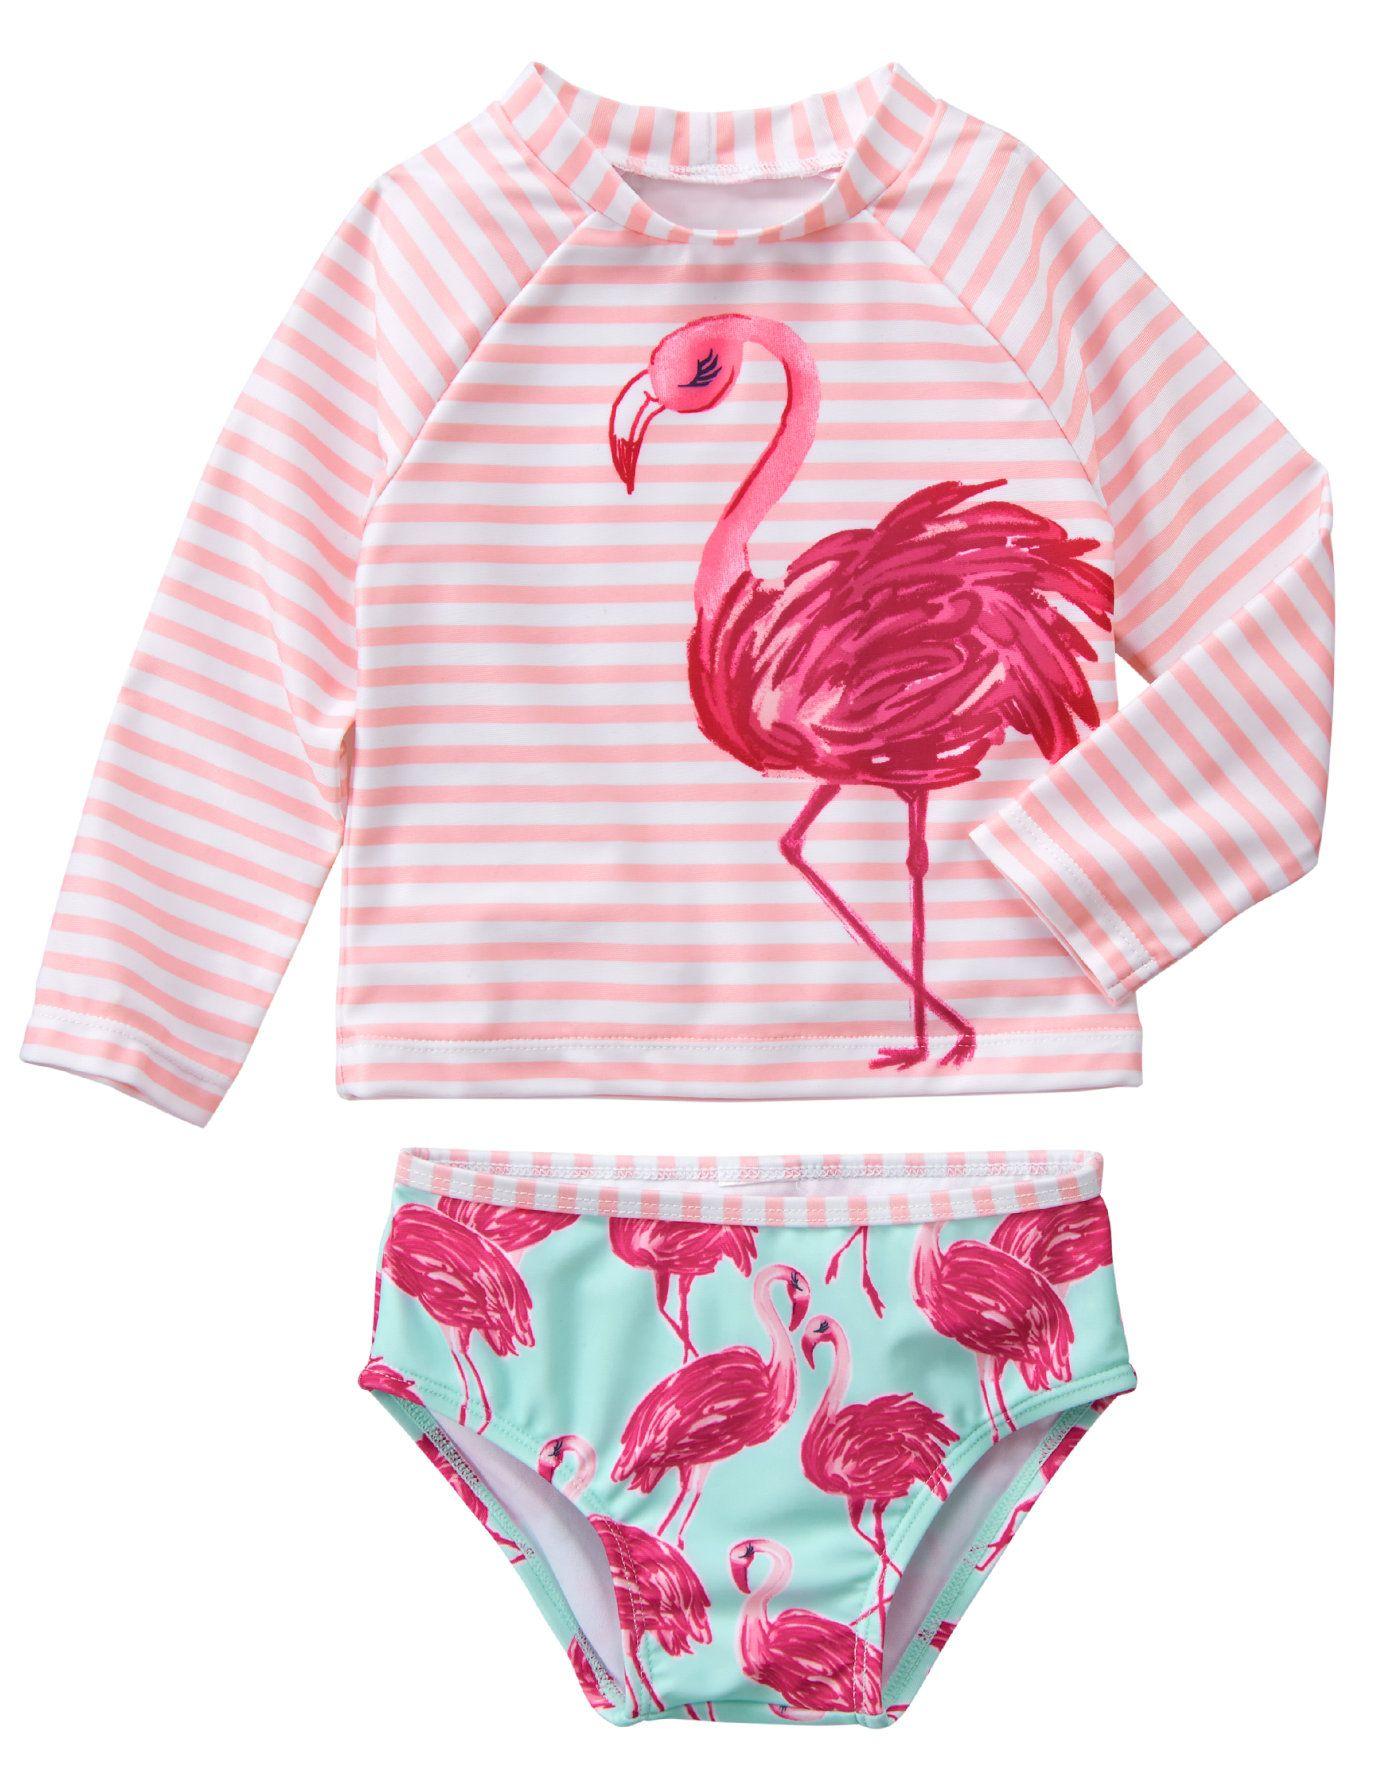 14c972615433 Flamingo Rash Guard Set Vestidos De Baño Niñas